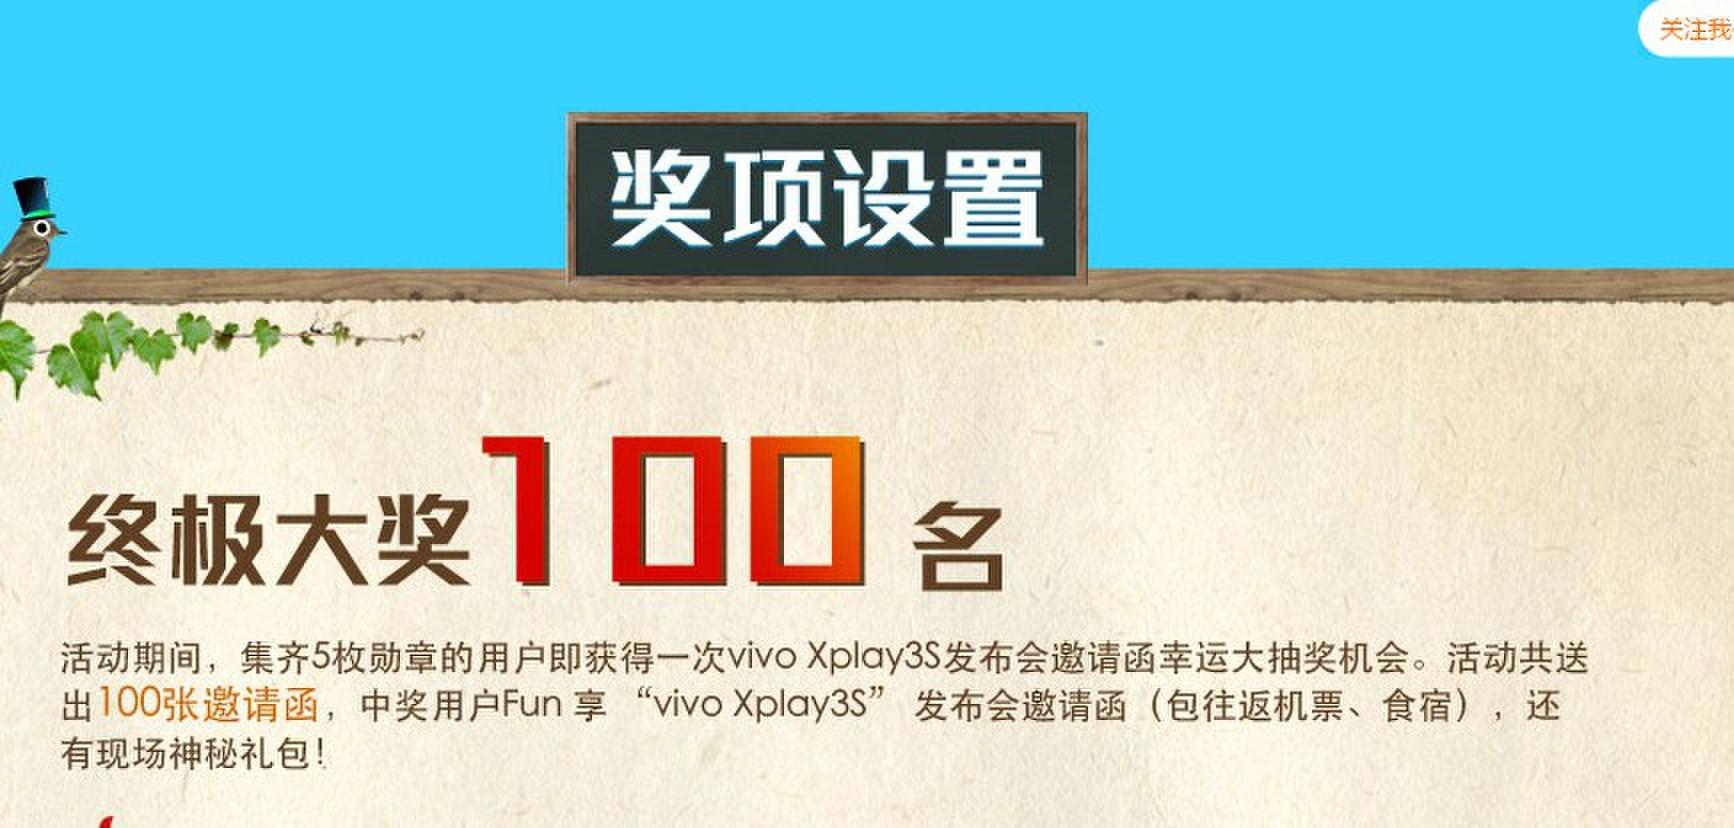 100张vivo Xplay3S发布会邀请函等你来拿 机票食宿全包